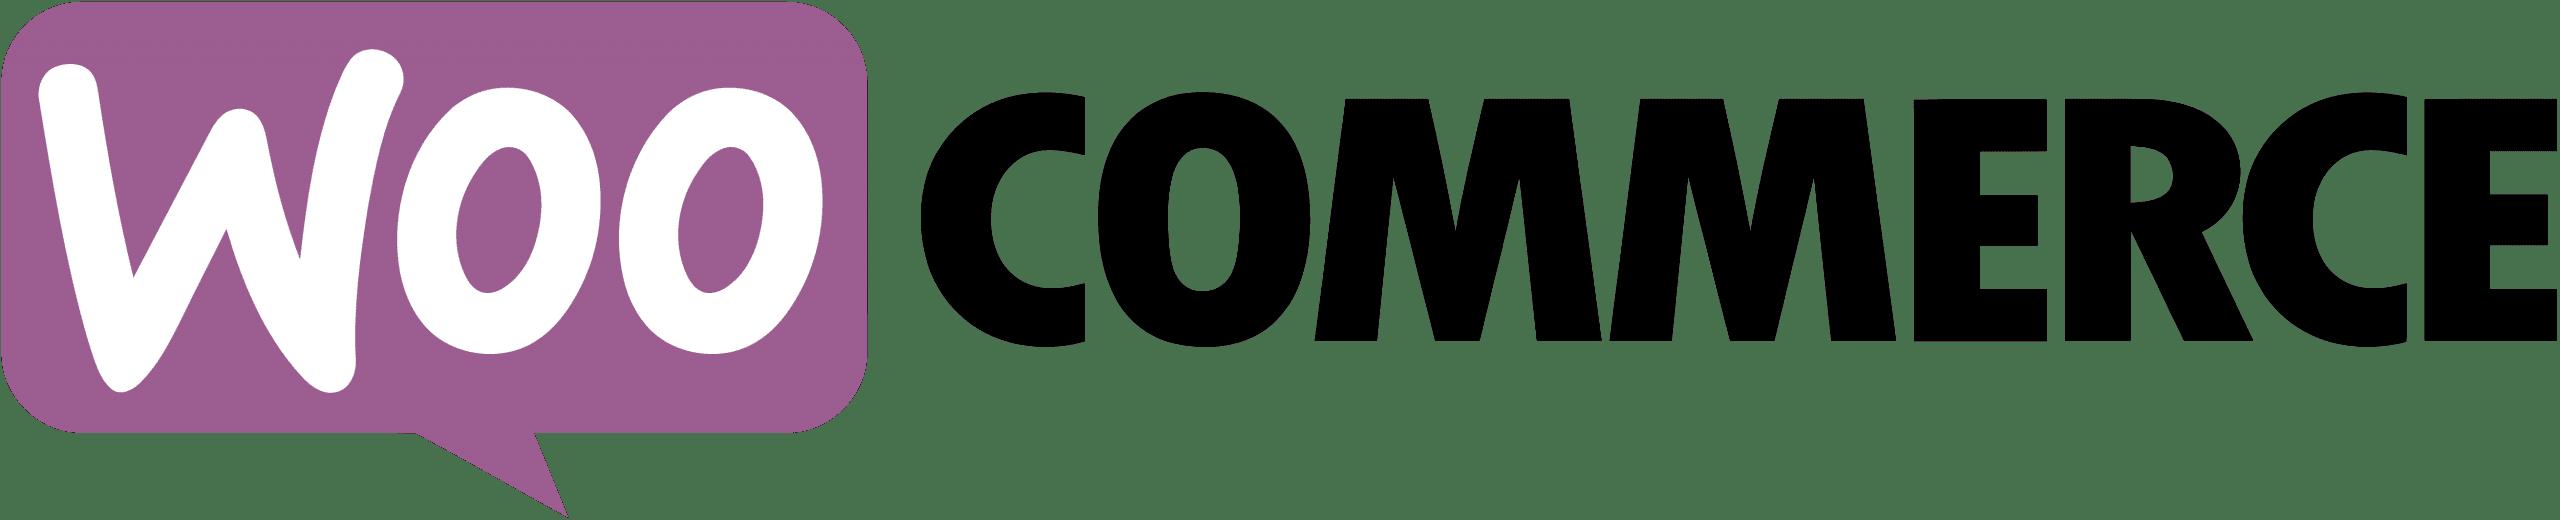 WooCommerce_logo_Woo_Commerce